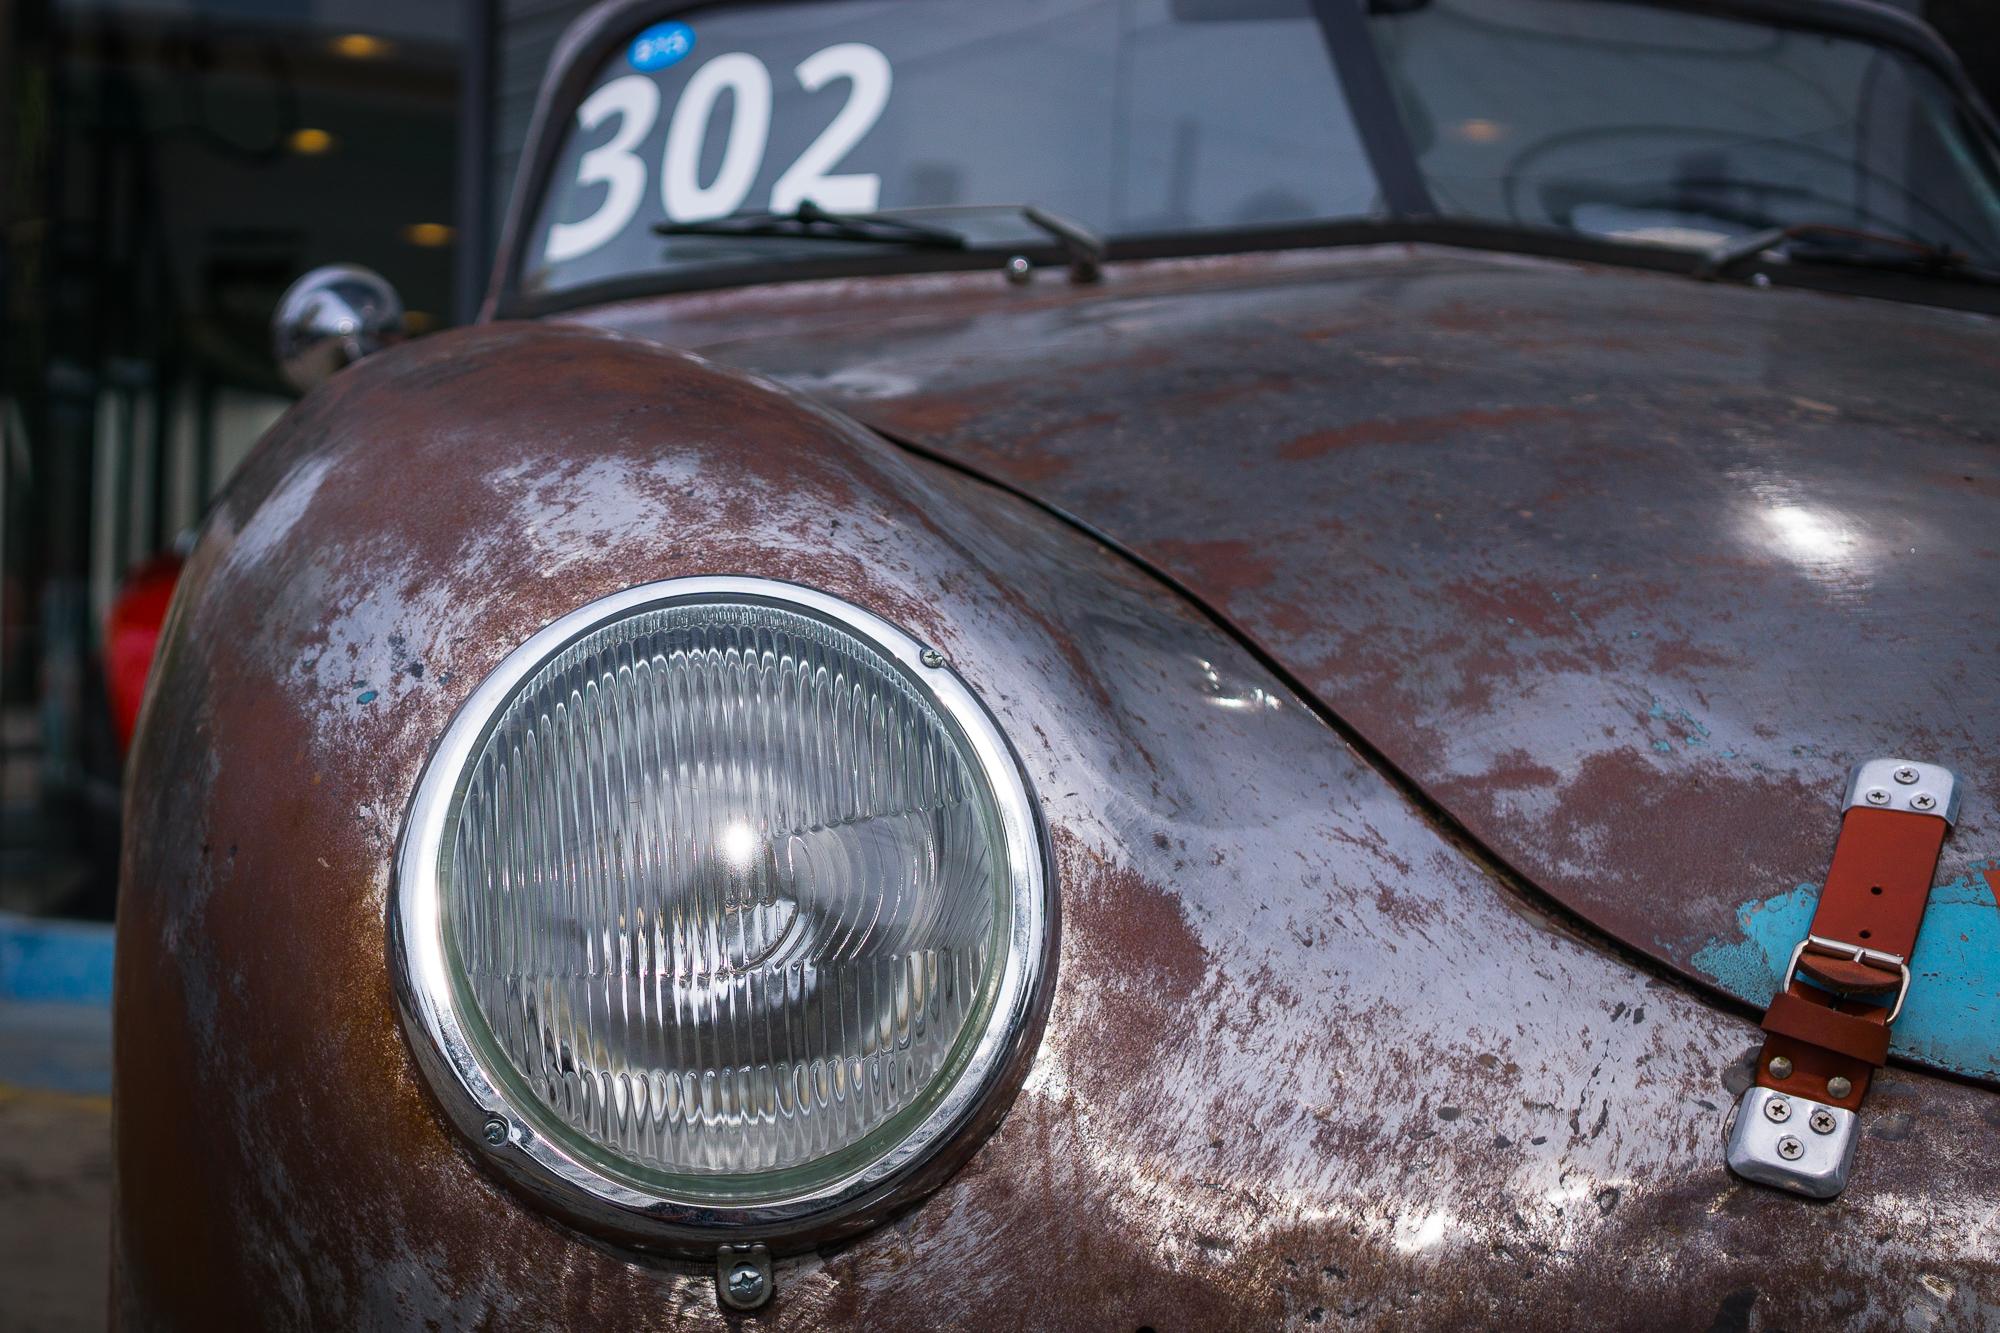 Porsche 356 headlight detail